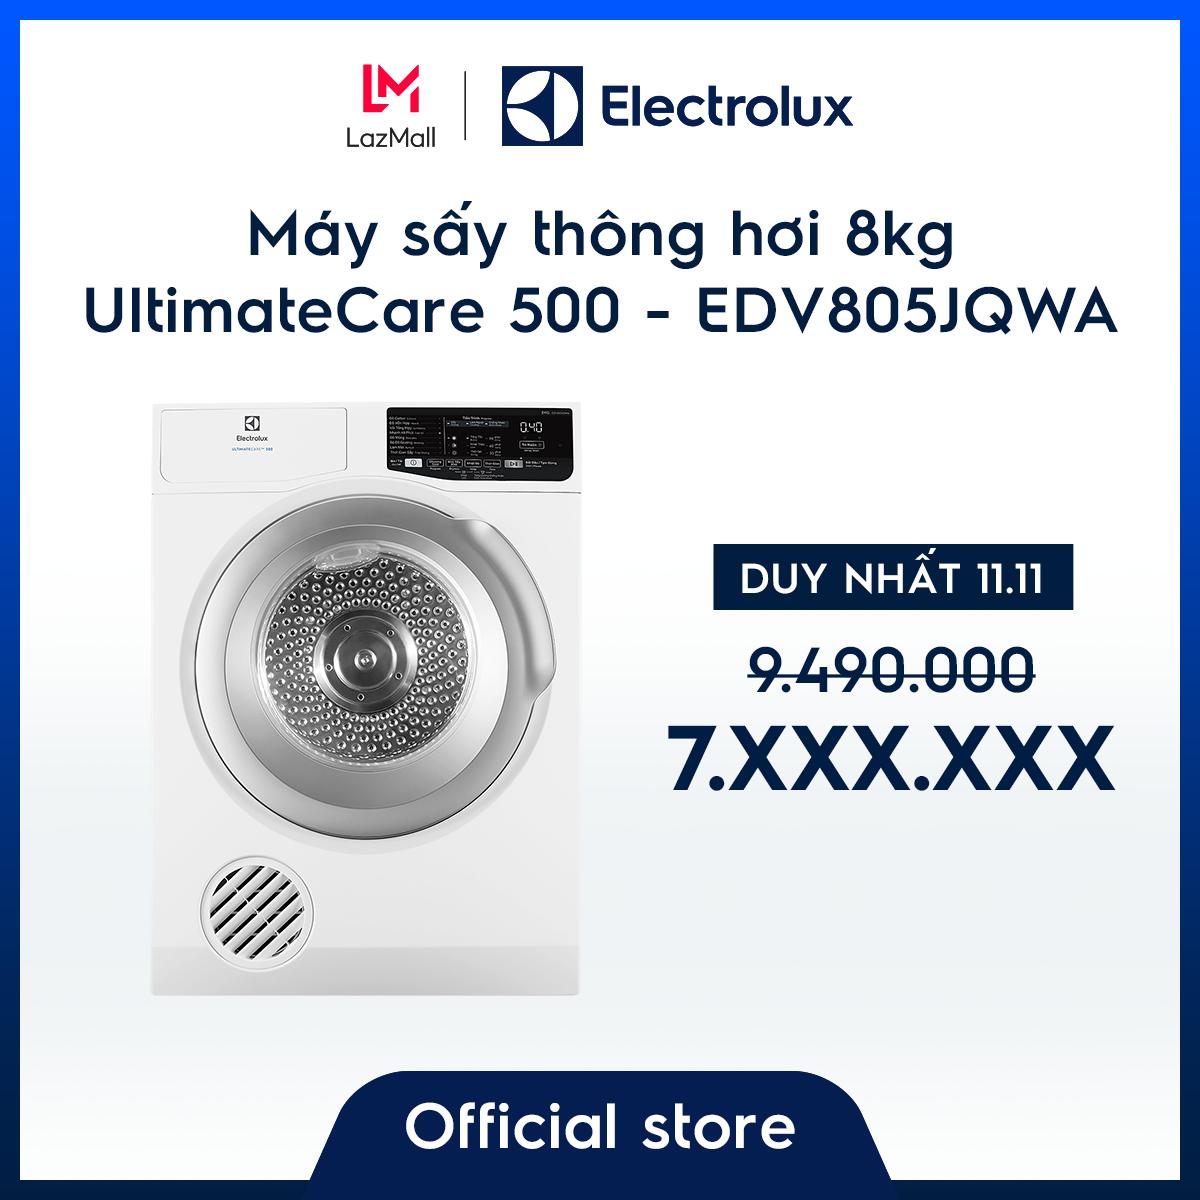 [Miễn phí công lắp đặt – Giao hàng HCM & HN] Máy sấy Electrolux thông hơi 8kg UltimateCare 500 EDV805JQWA – Màu trắng – Thiết kế sang trọng – Công nghệ sấy đảo chiều – Giữ màu sắc yêu thích – Hàng chính hãng